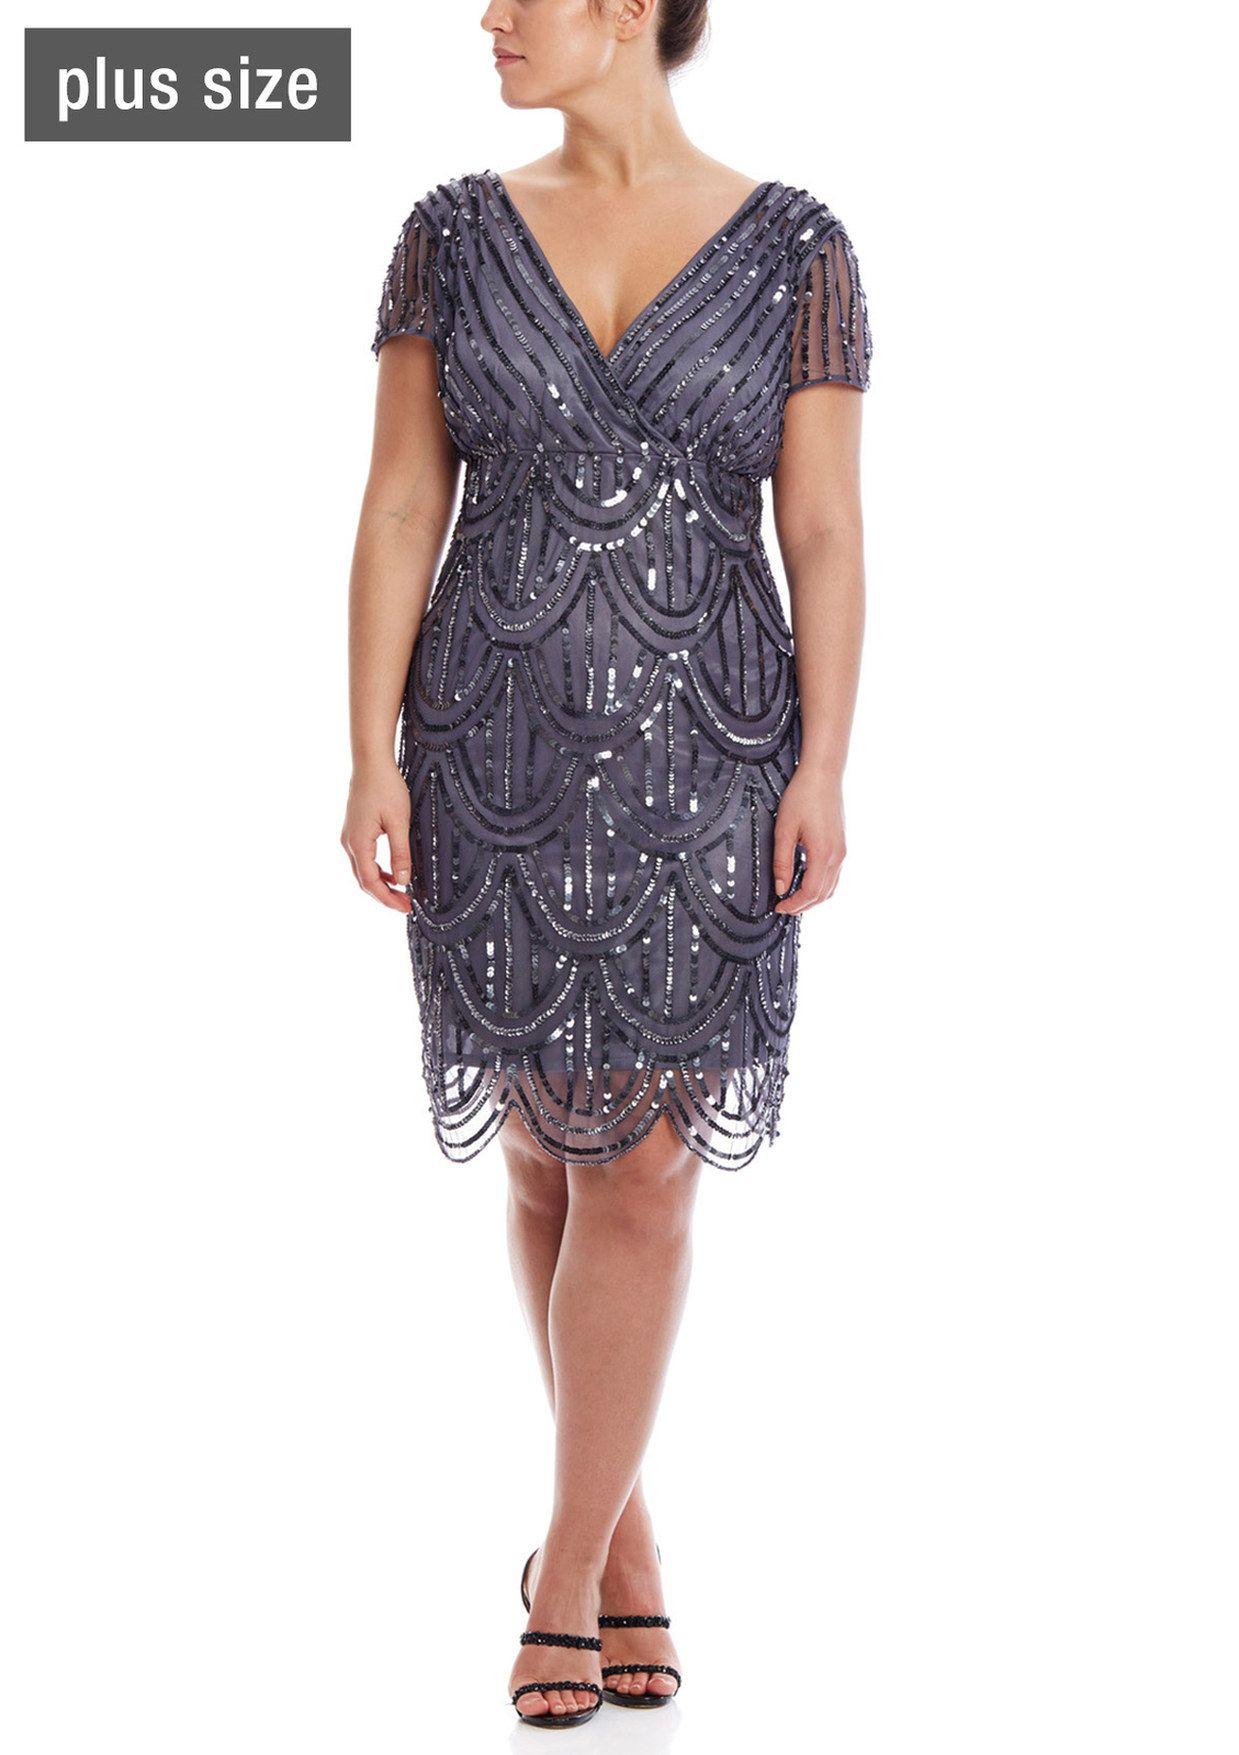 sparkly cocktail dresses plus size